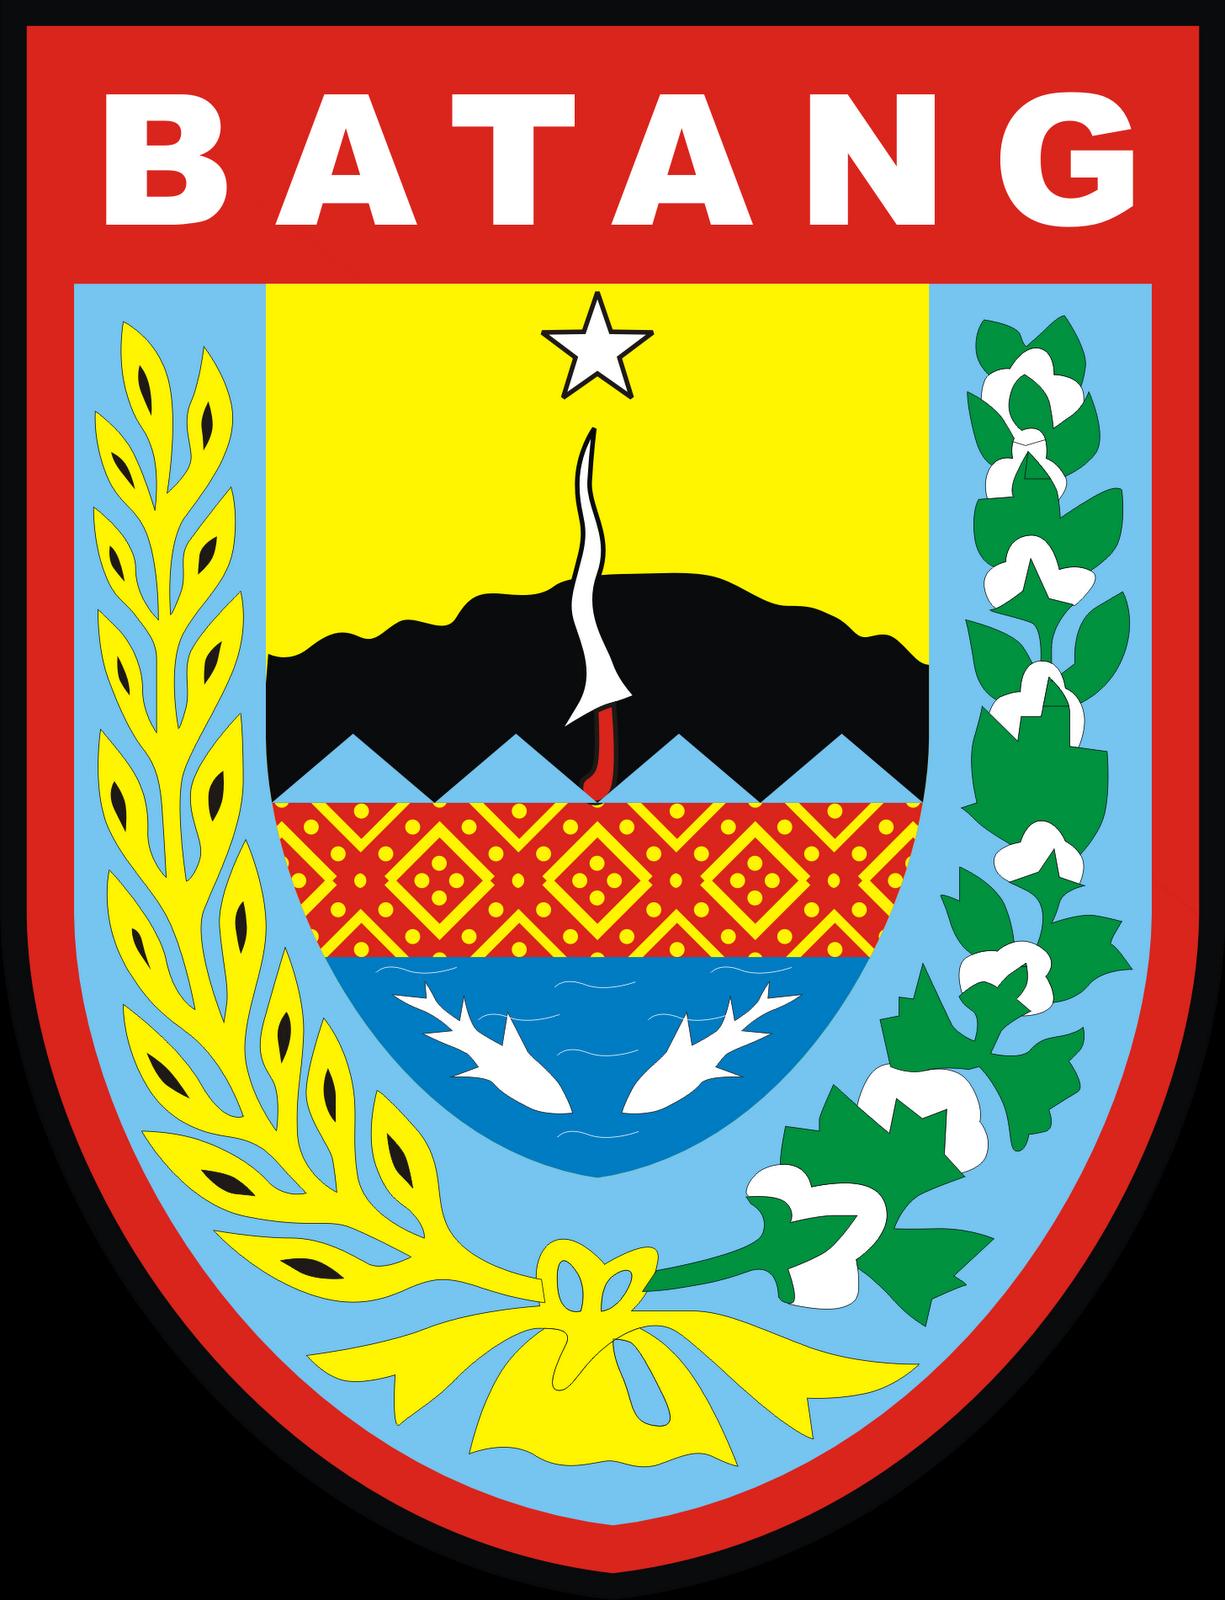 Situs Pemerintah Kabupaten Batanghari Bumi Serentak Bak Regam Cpns 2019